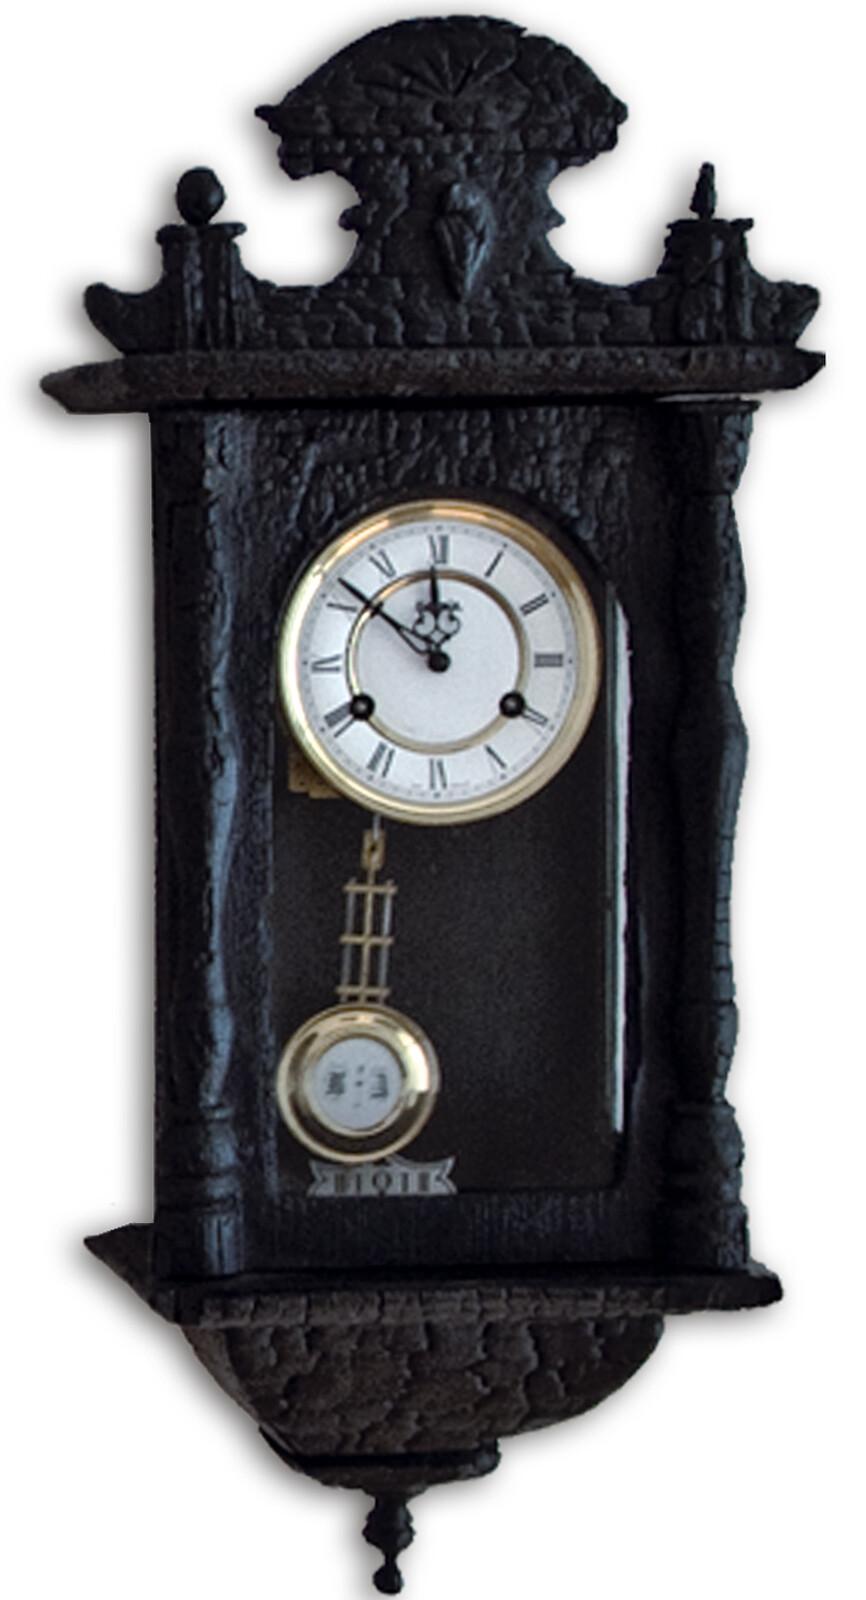 Smoke Clock II - Maarten Baas